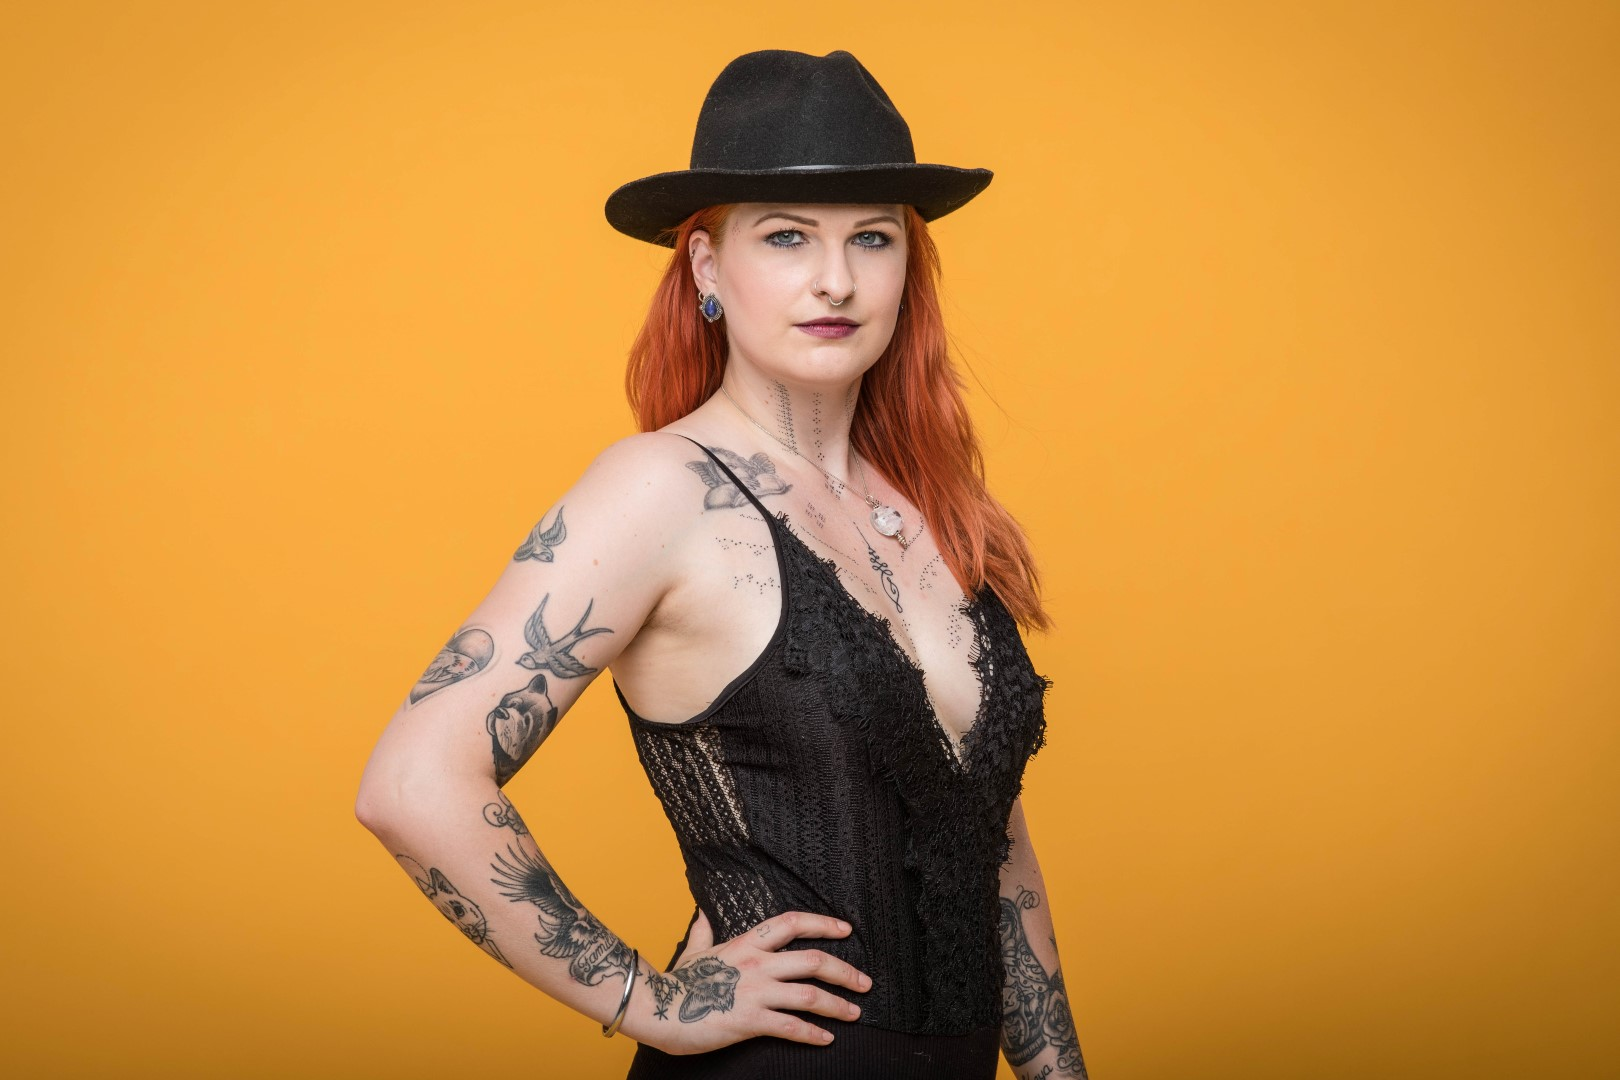 model modellen meisje vrouw vrouwen foto fotos foto's fotoshoot jurgen kwisthout